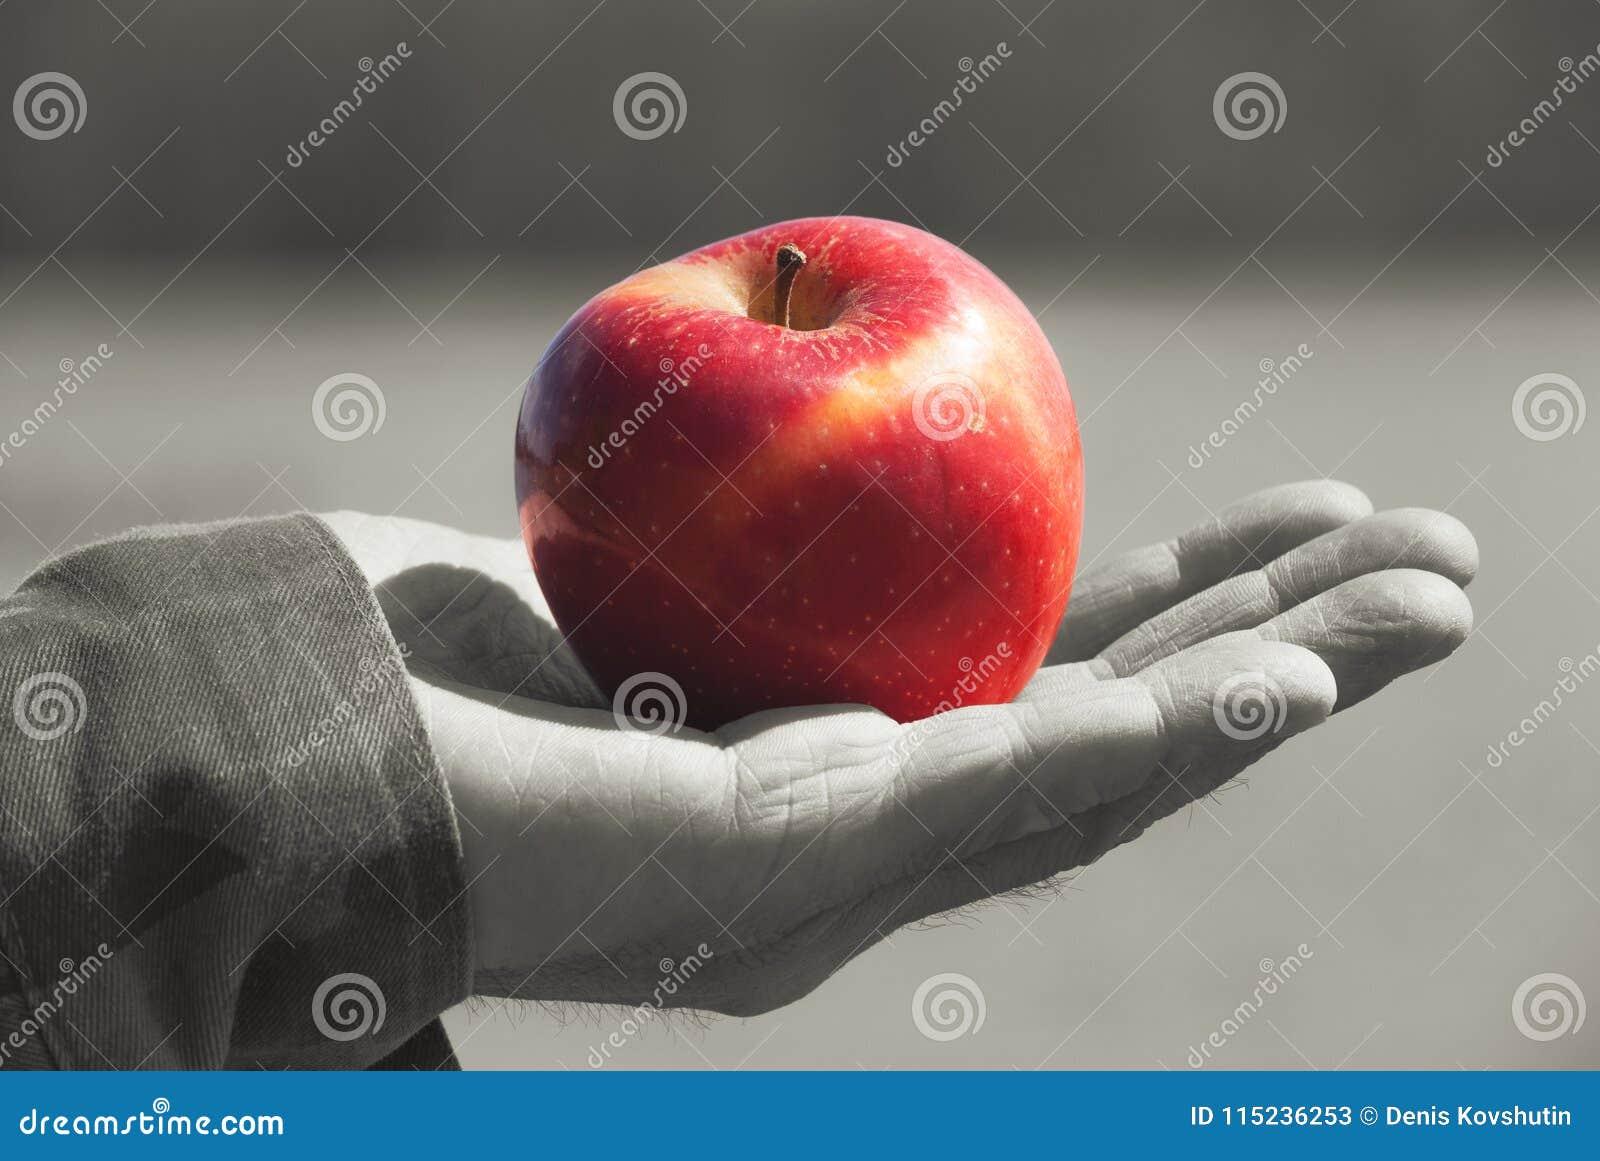 Manzana sólida jugosa joven roja de la fruta bajo luz del sol en un gato viejo para hombre de un hombre mayor, contra fondo un ag